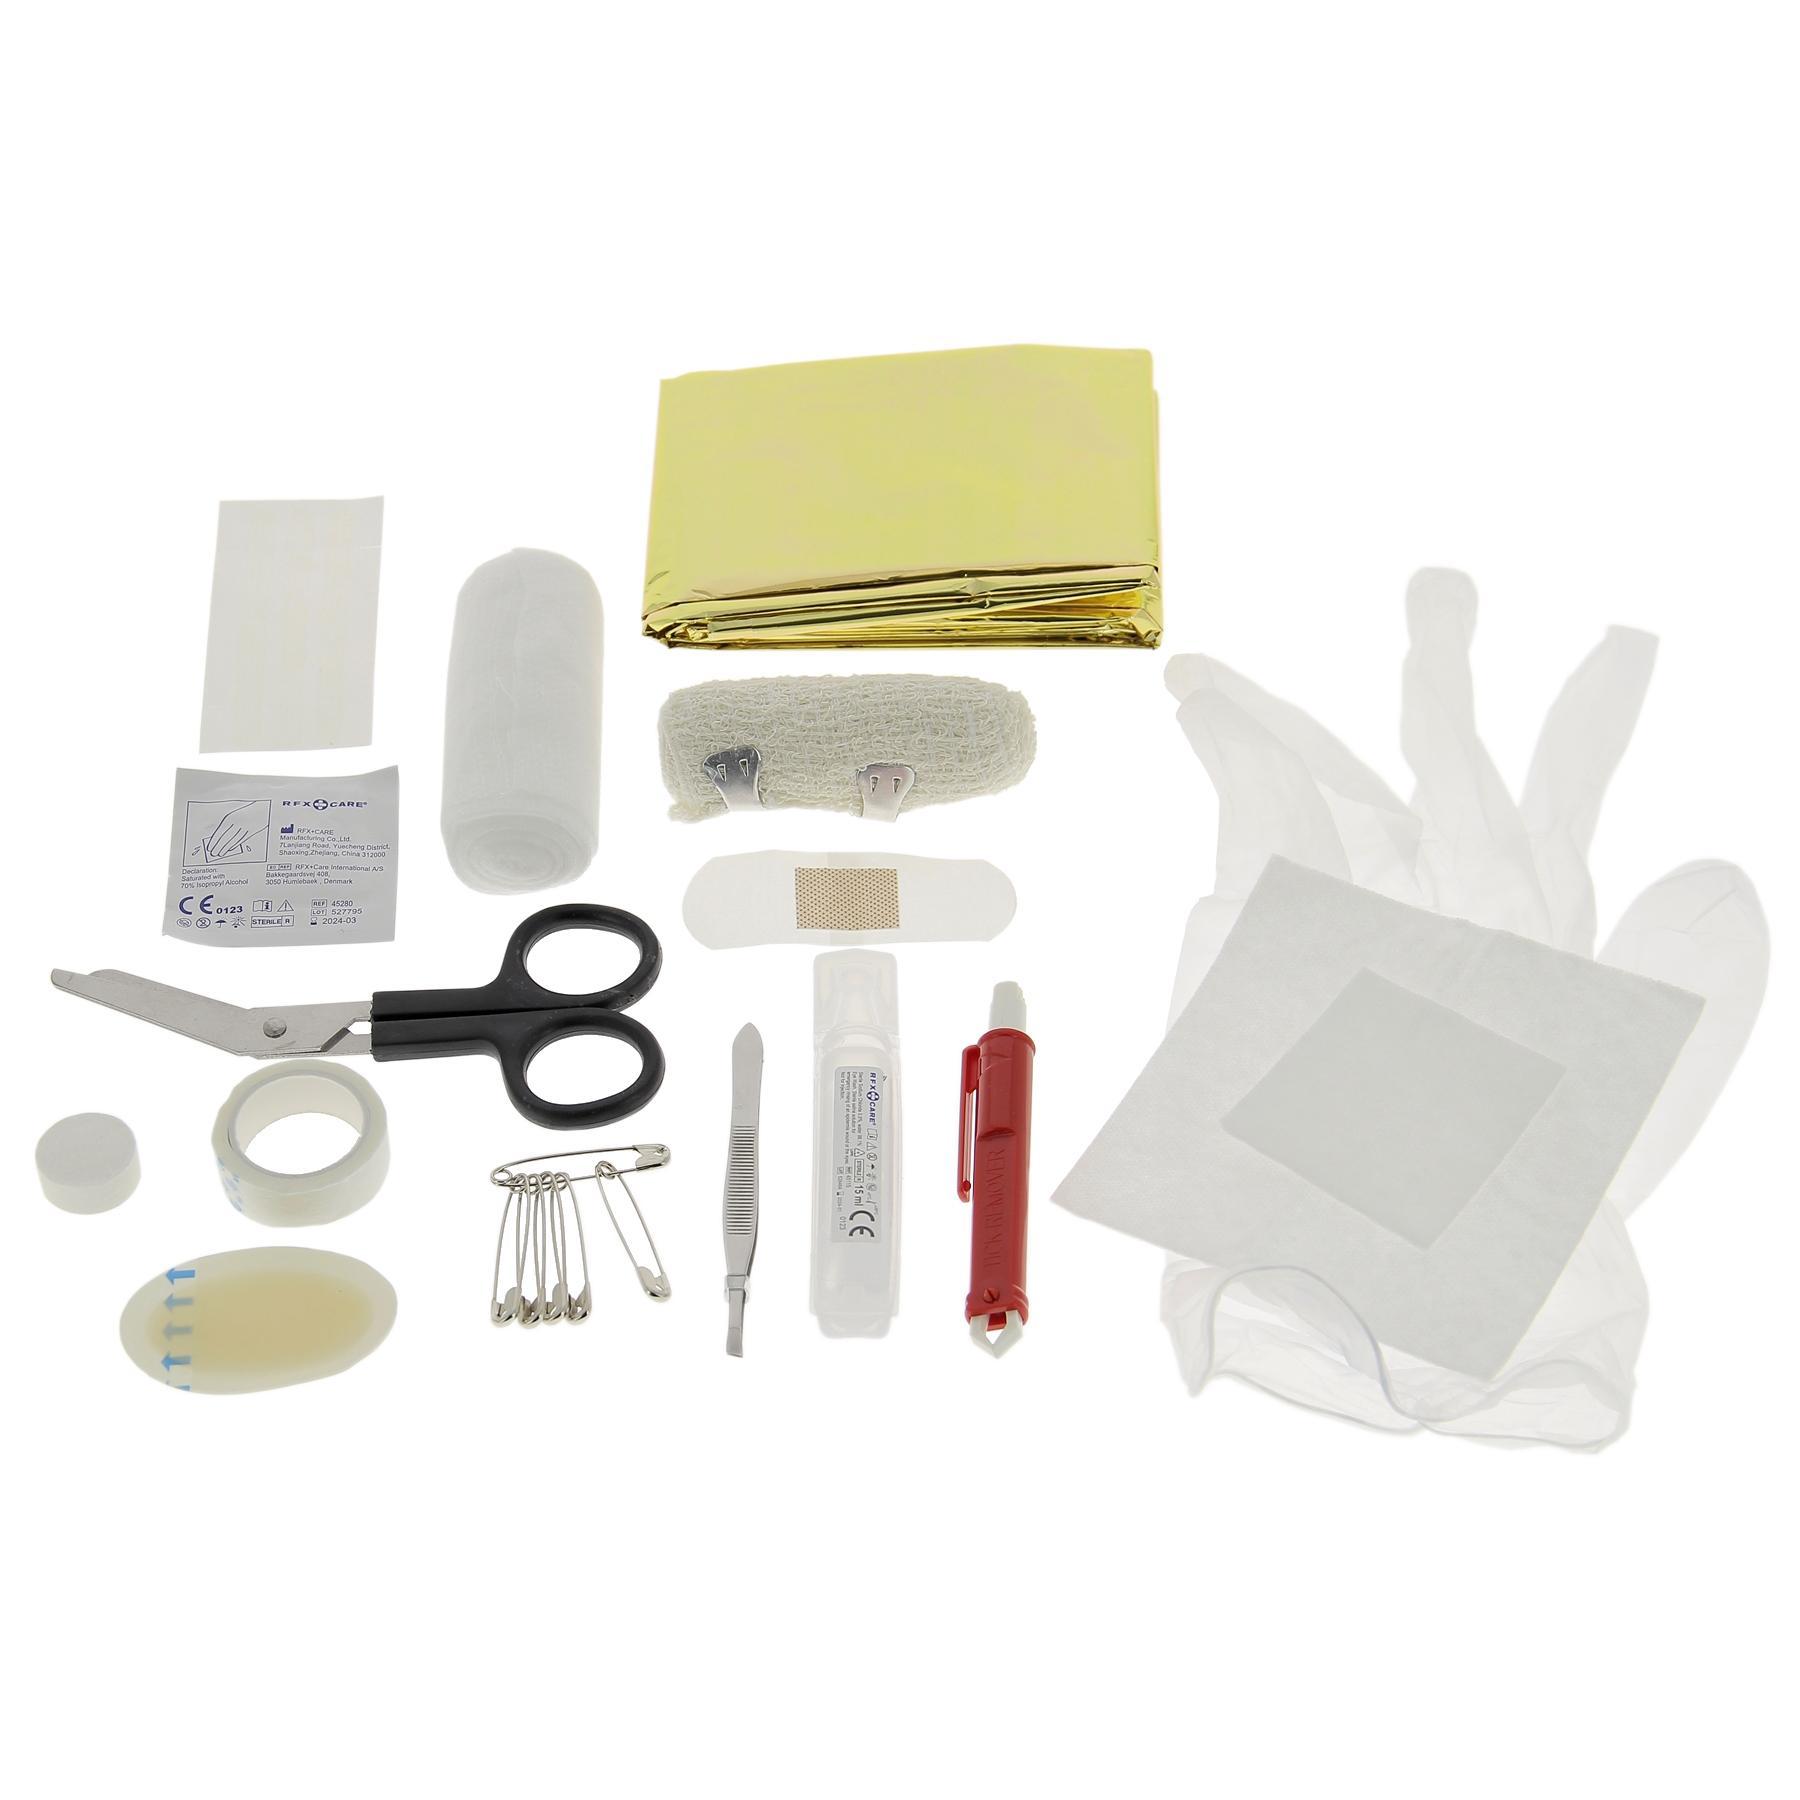 Comprare 009531 Michelin Kit di pronto soccorso per auto 009531 poco costoso